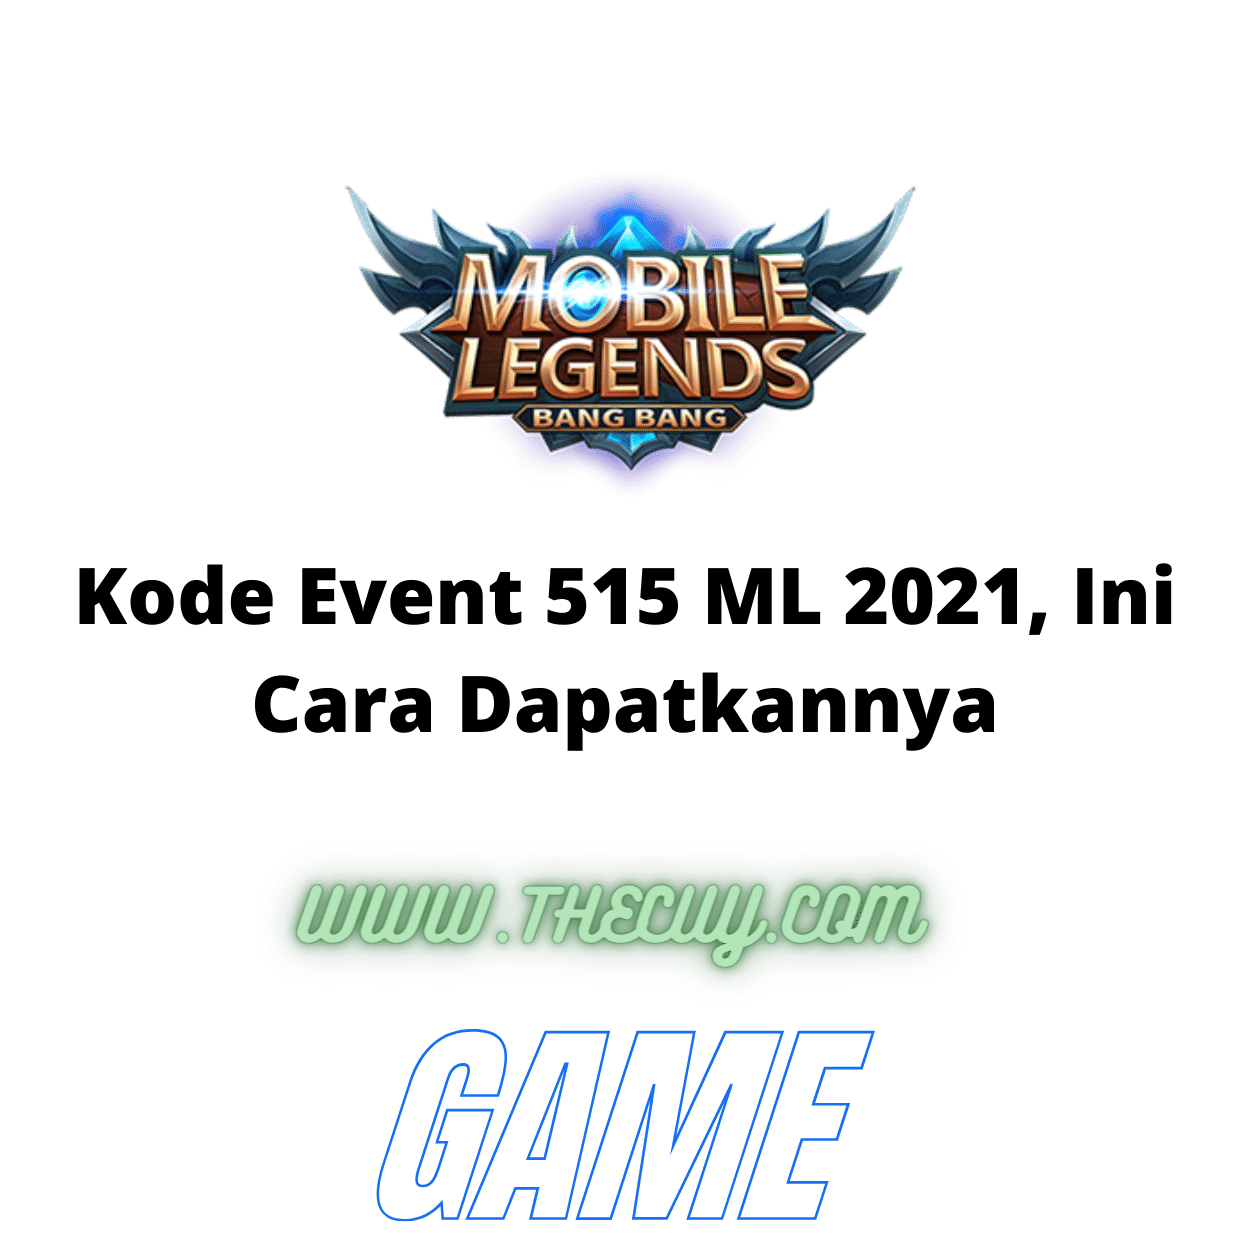 Kode Event 515 ML 2021, Ini Cara Dapatkannya